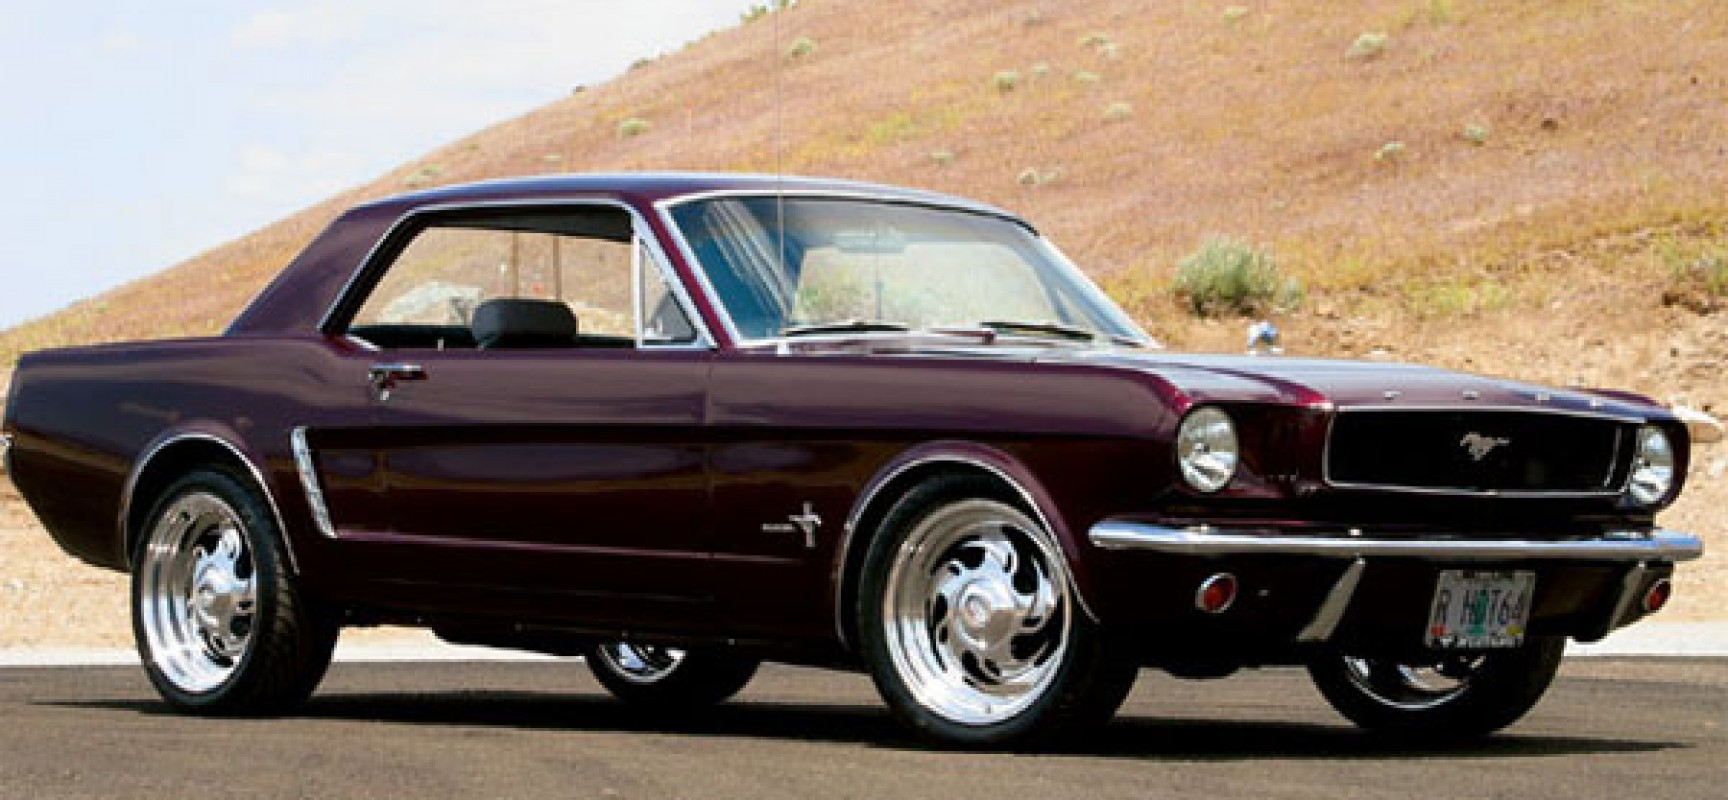 История появления Ford Mustang